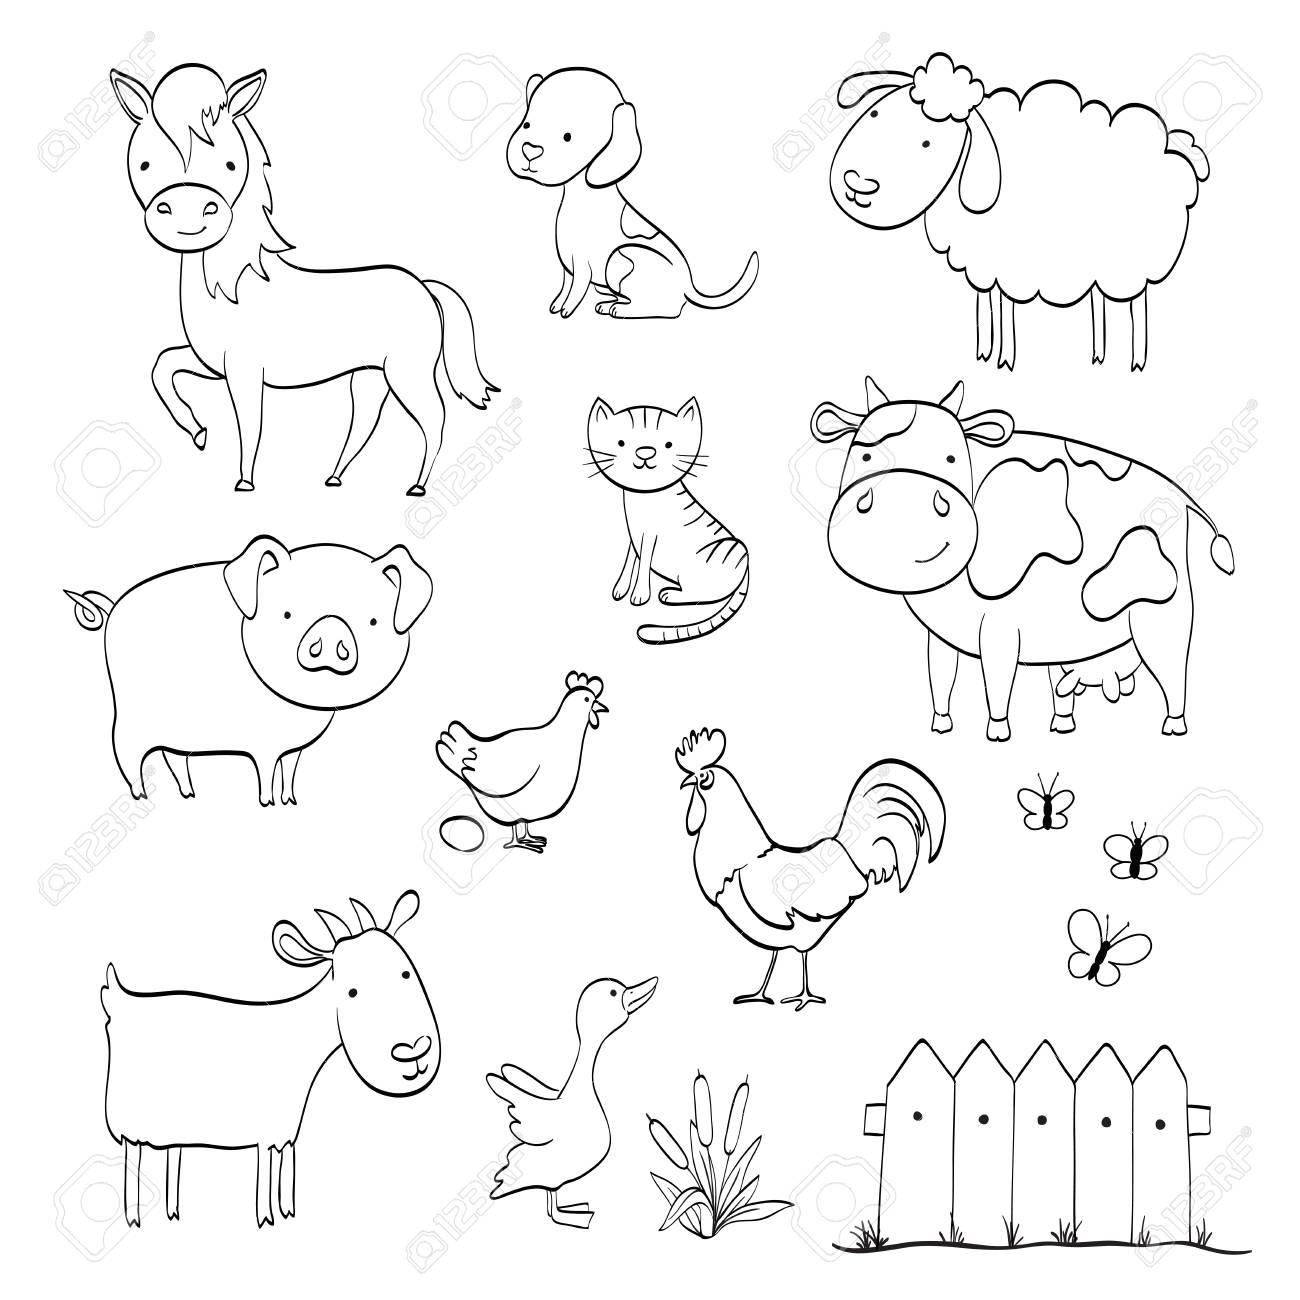 Página Para Colorear Con Dibujos Animados Conjunto De Animales De Granja Aislado En Blanco Ilustración Vectorial